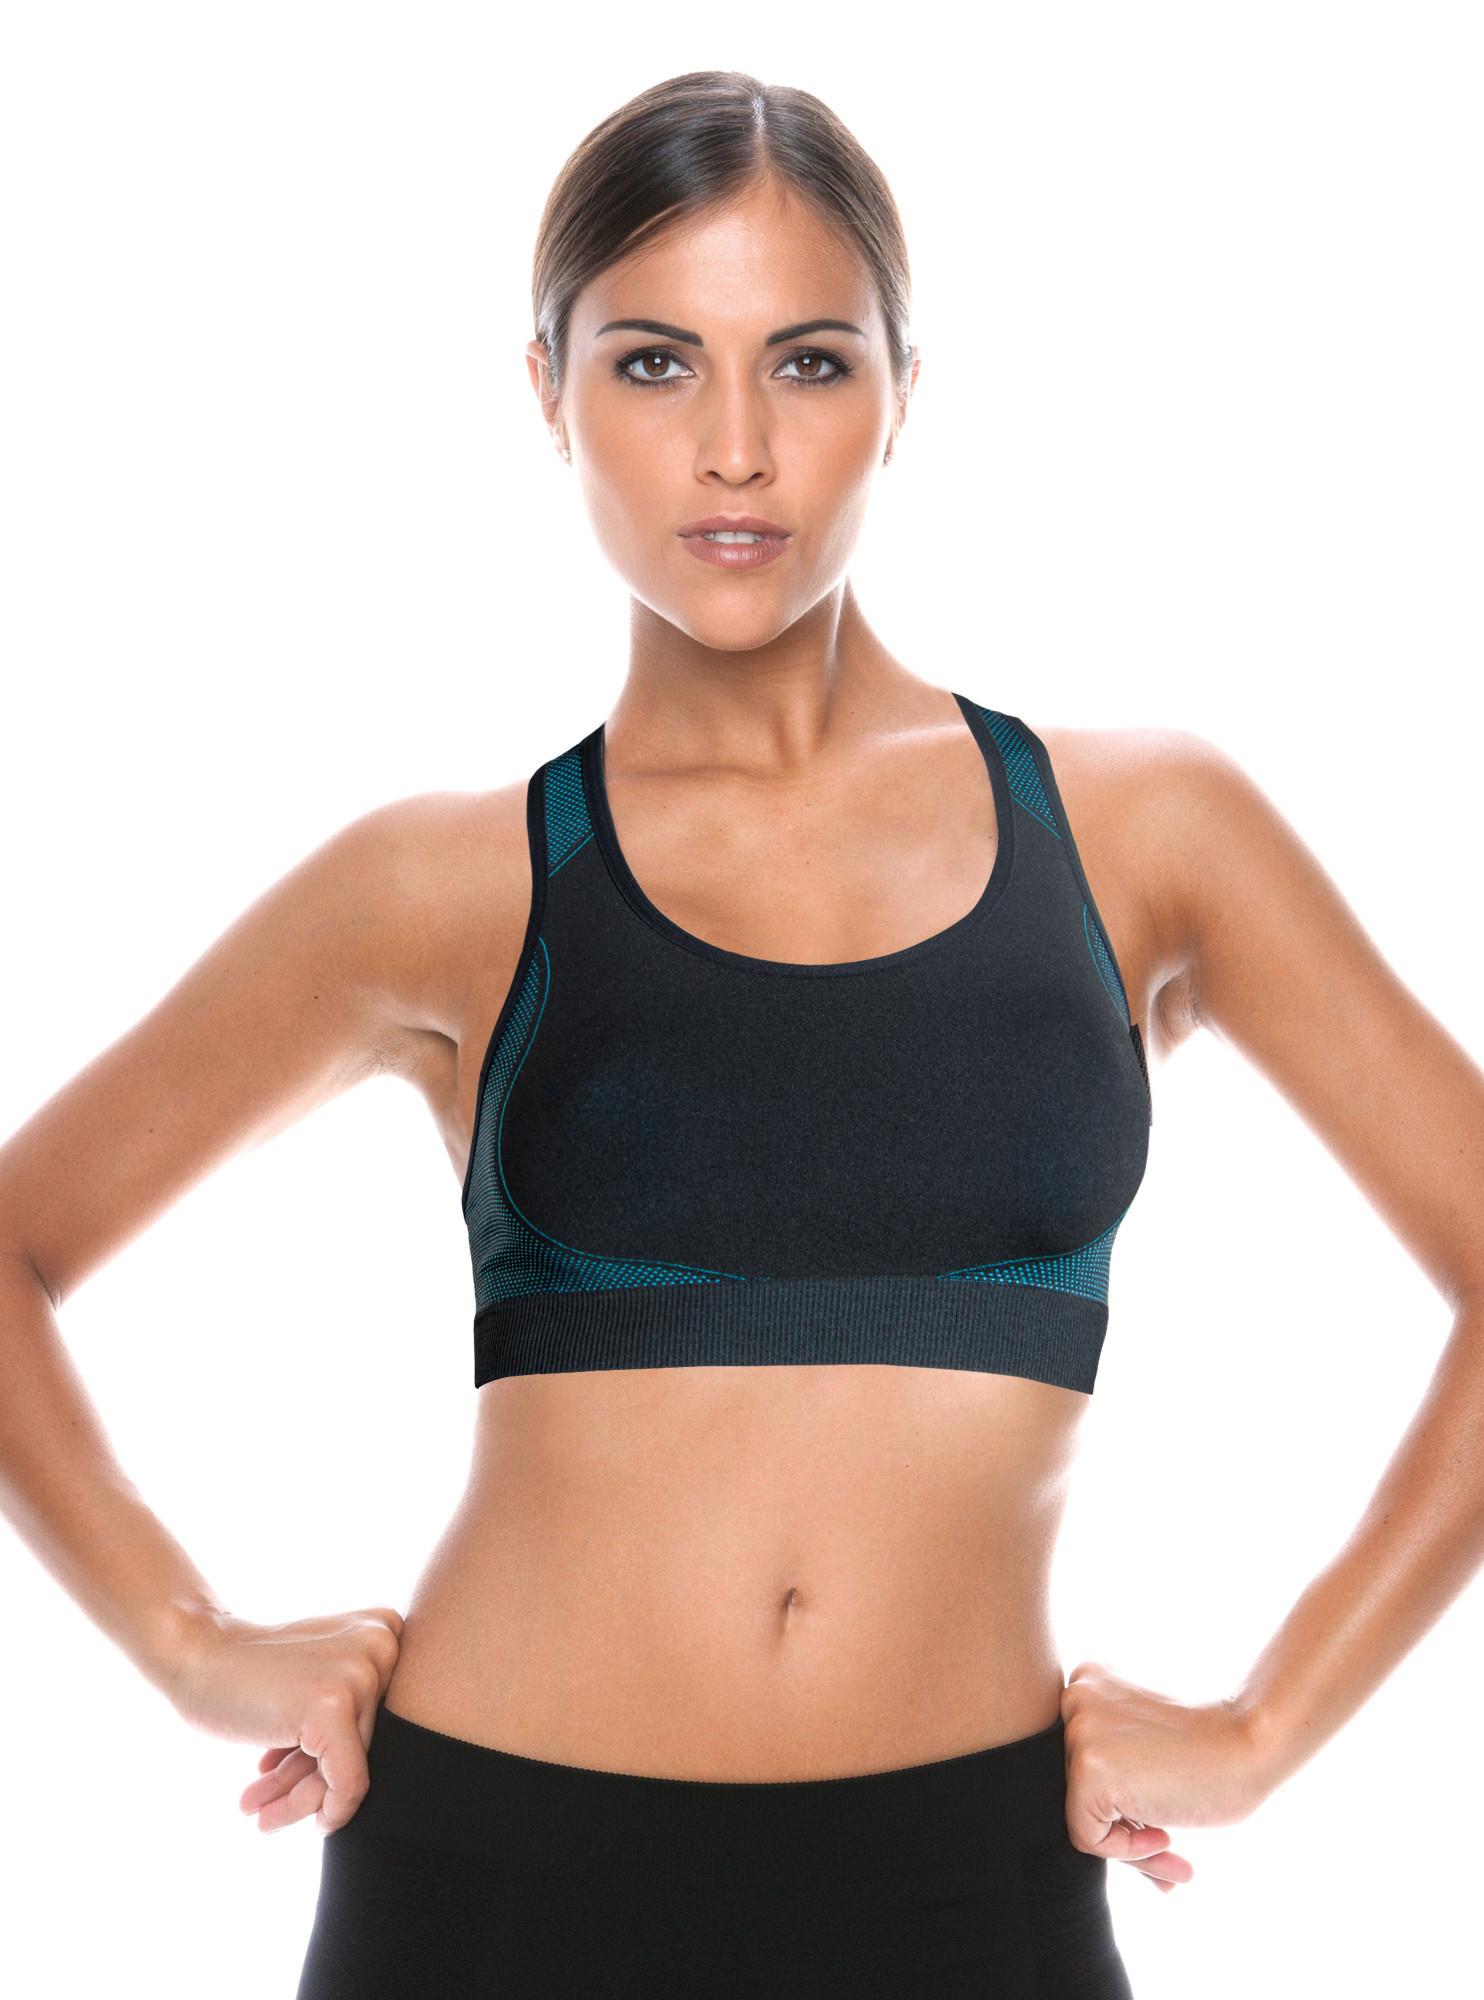 Active-Fit Dámsky športový top SPORT BRA ACTIVE.FIT Farba: Čierna, Veľkosť: S / M